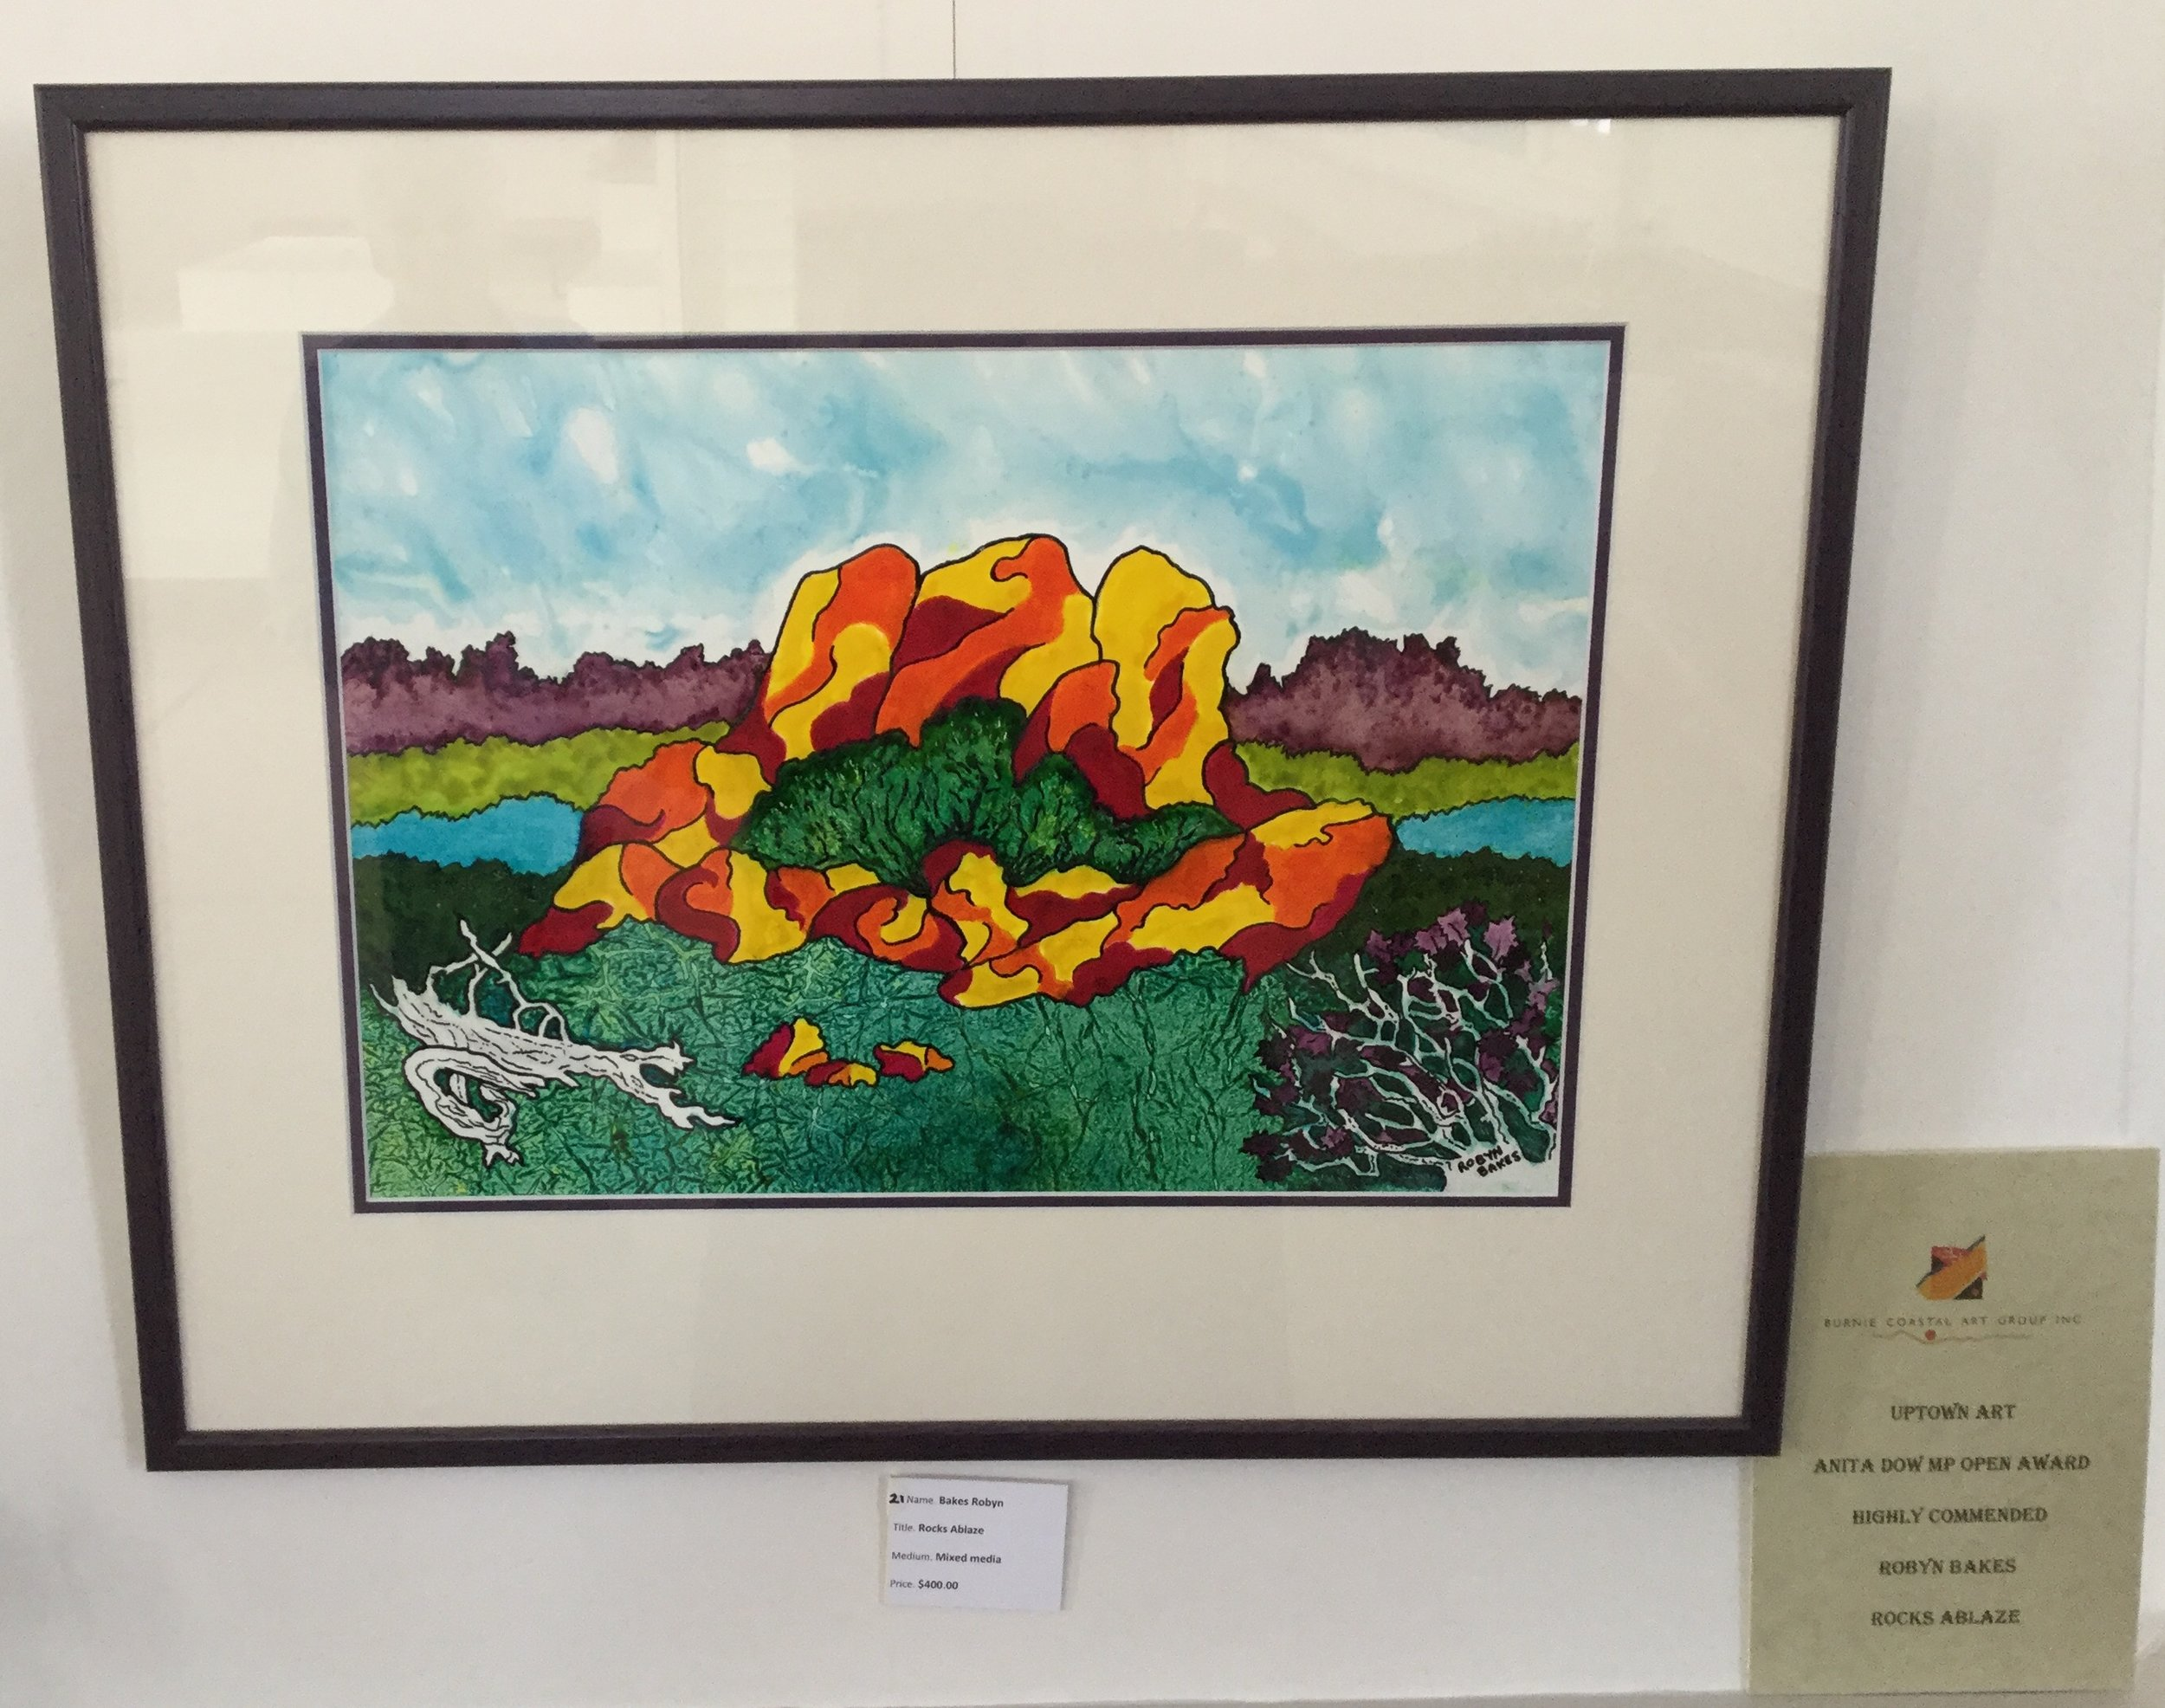 Rocks Ablaze by Robyn Bakes